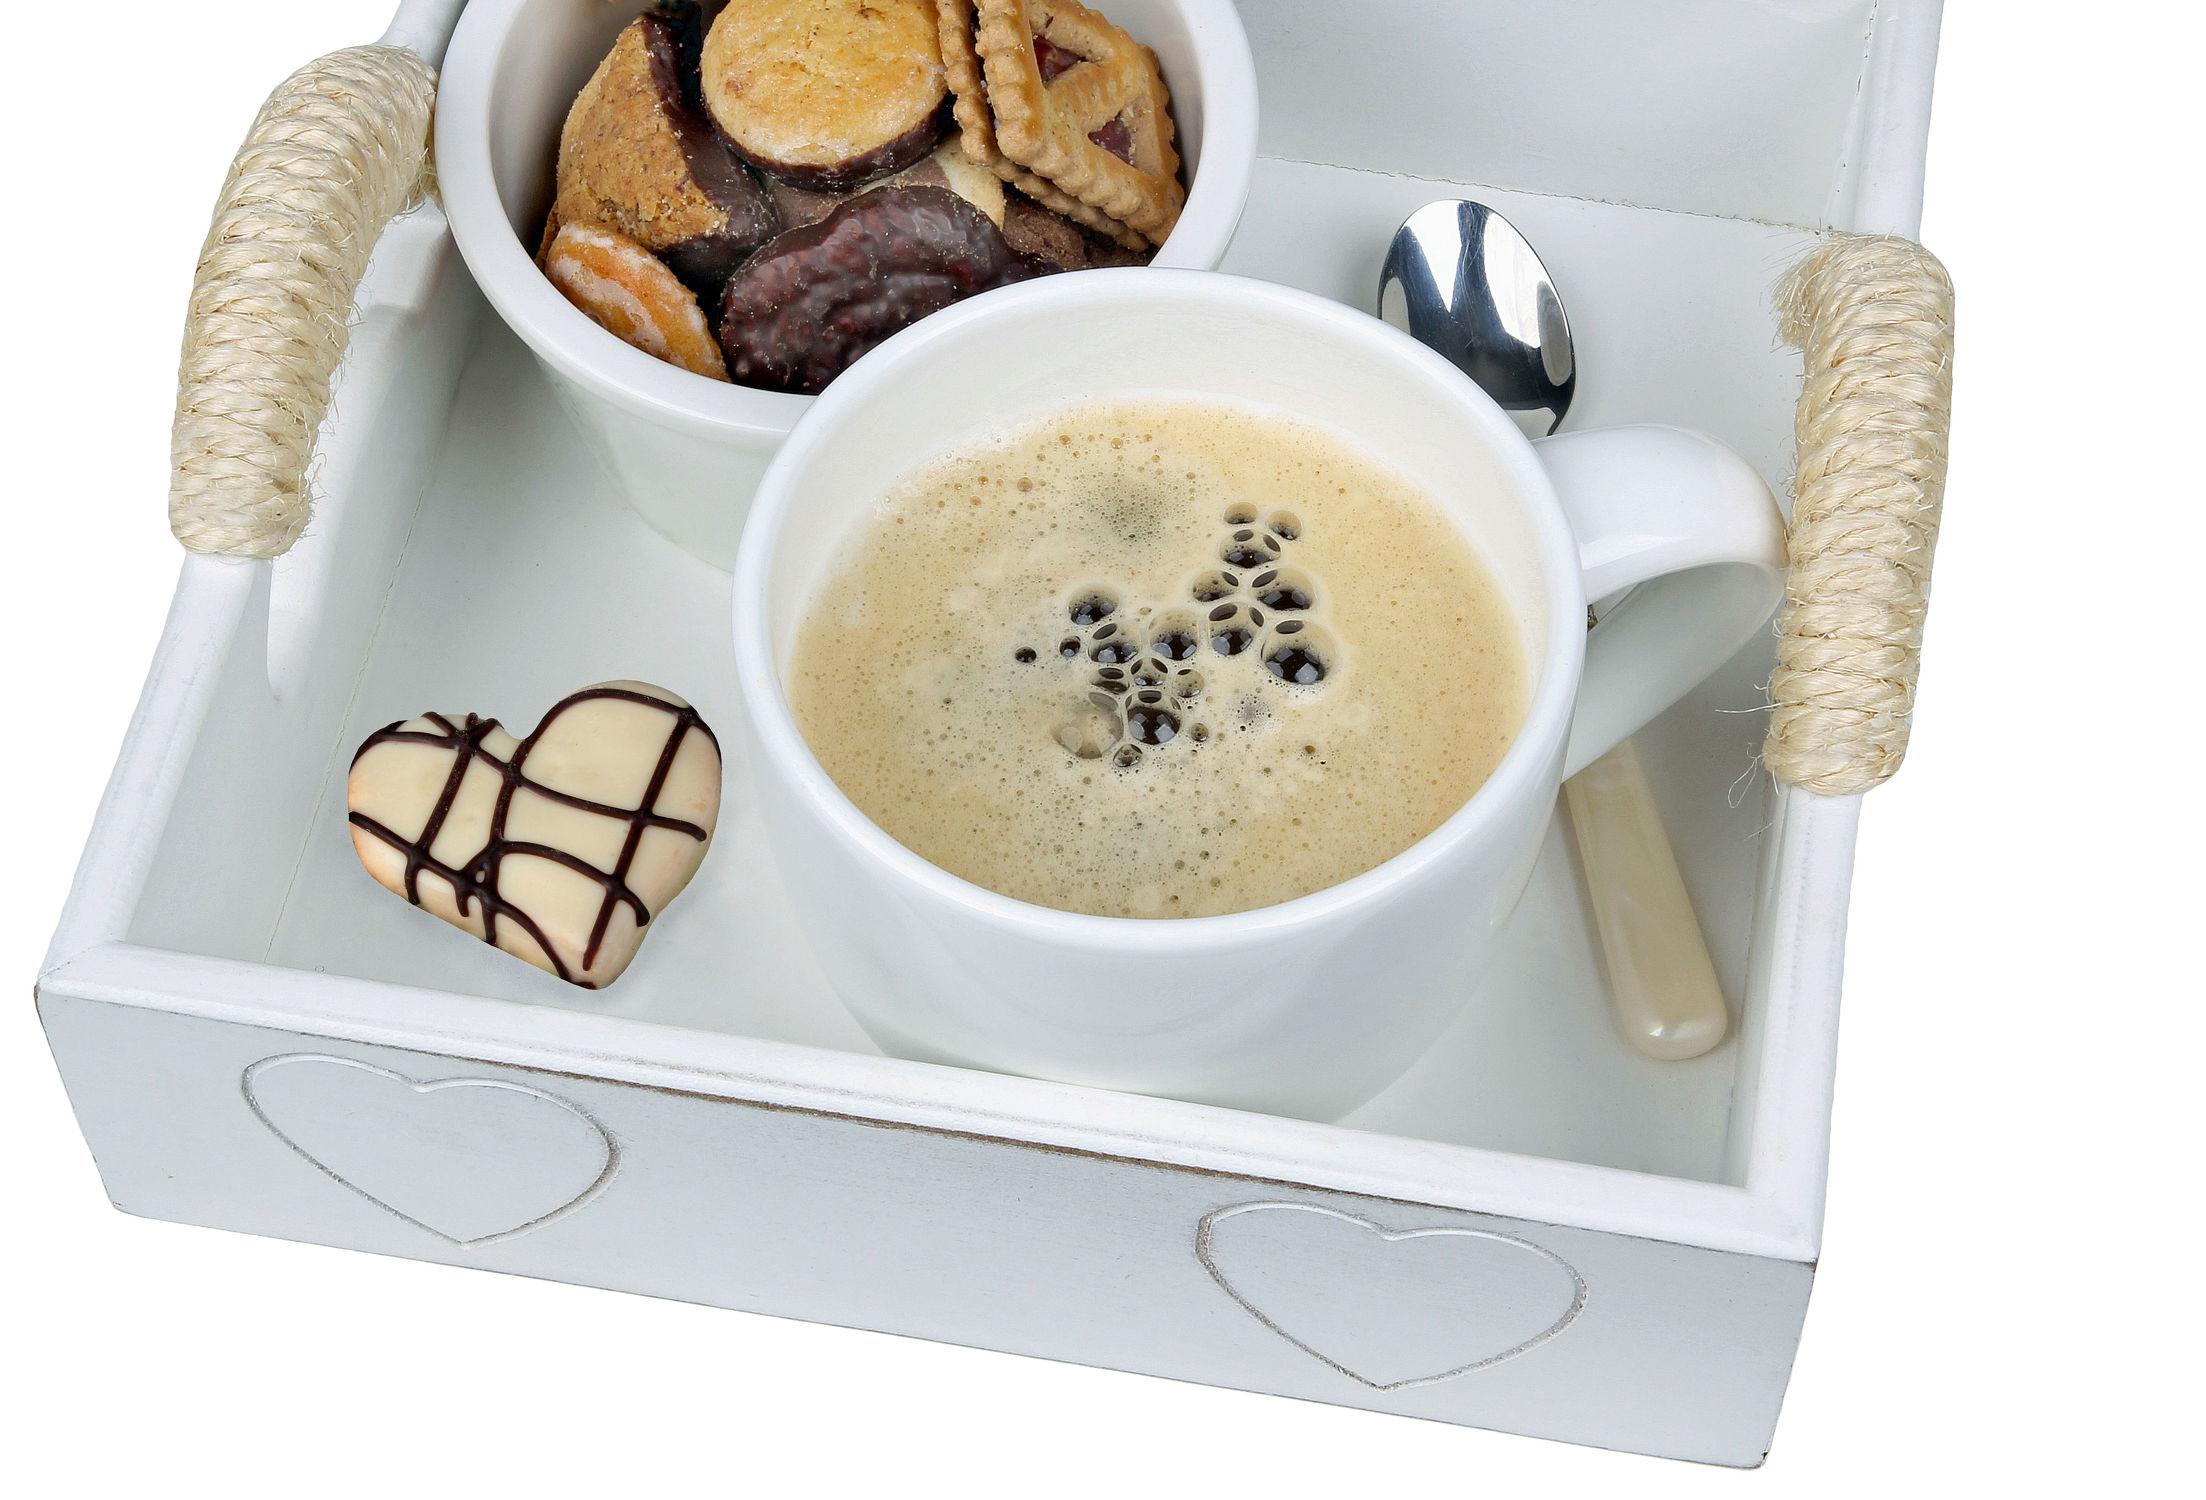 Bild mit Getränke, KITCHEN, KITCHEN, aroma, cafe, coffeetime, geröstet, Getränk, Heißgetränk, kaffee, kaffeebohne, kaffeebohnen, kaffeeduft, kaffeetasse, kaffeetassen, kaffezeit, tassen, ungemahlen, kaffe, Cappuccino, Mokka, Espresso, Küche, Küchen, Küchen, Süßes, Keks